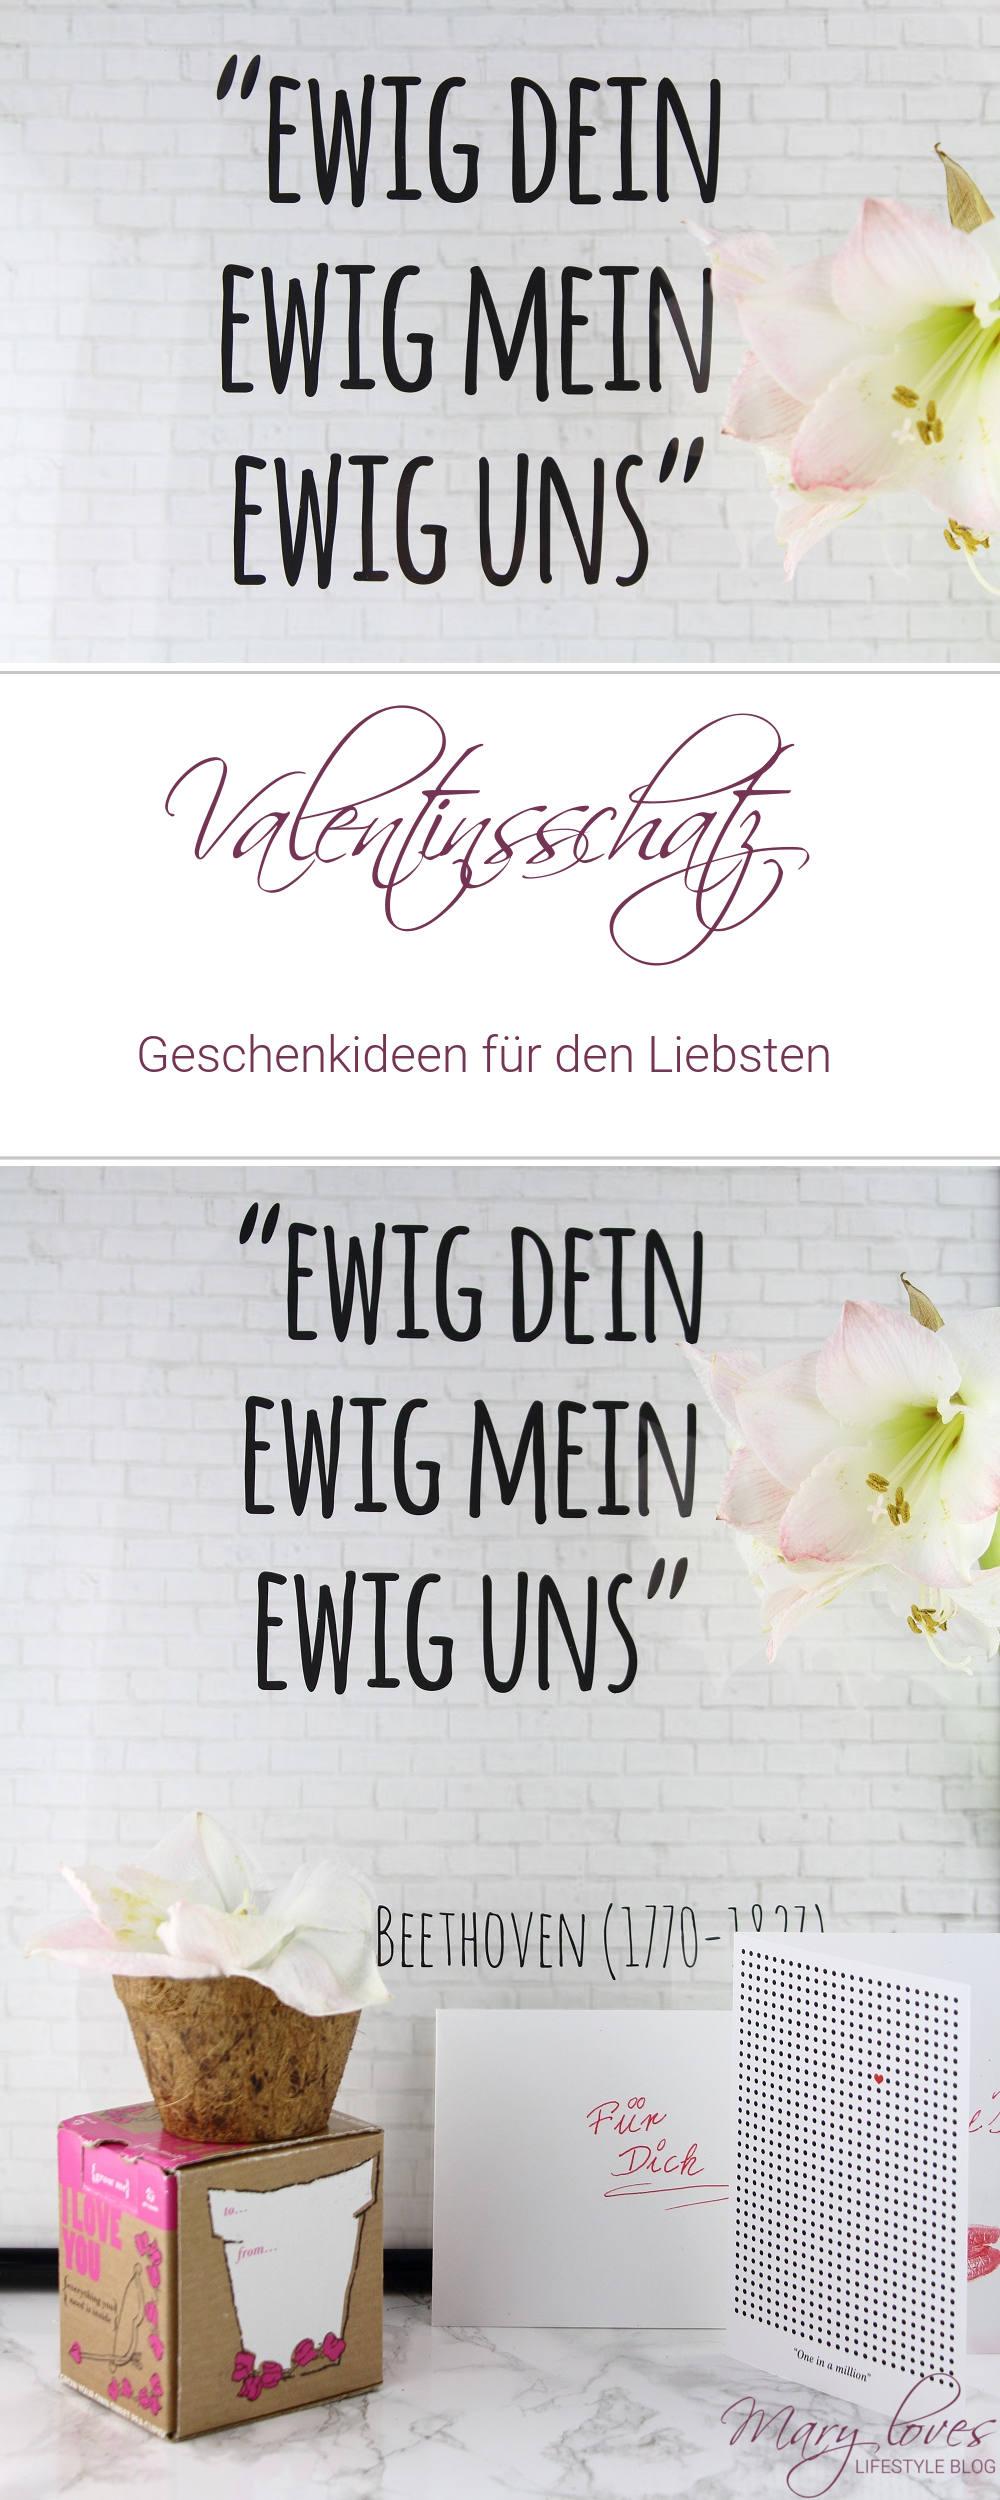 Valentinsschatz - Geschenkideen für den Liebsten - Radbag Valentinstag